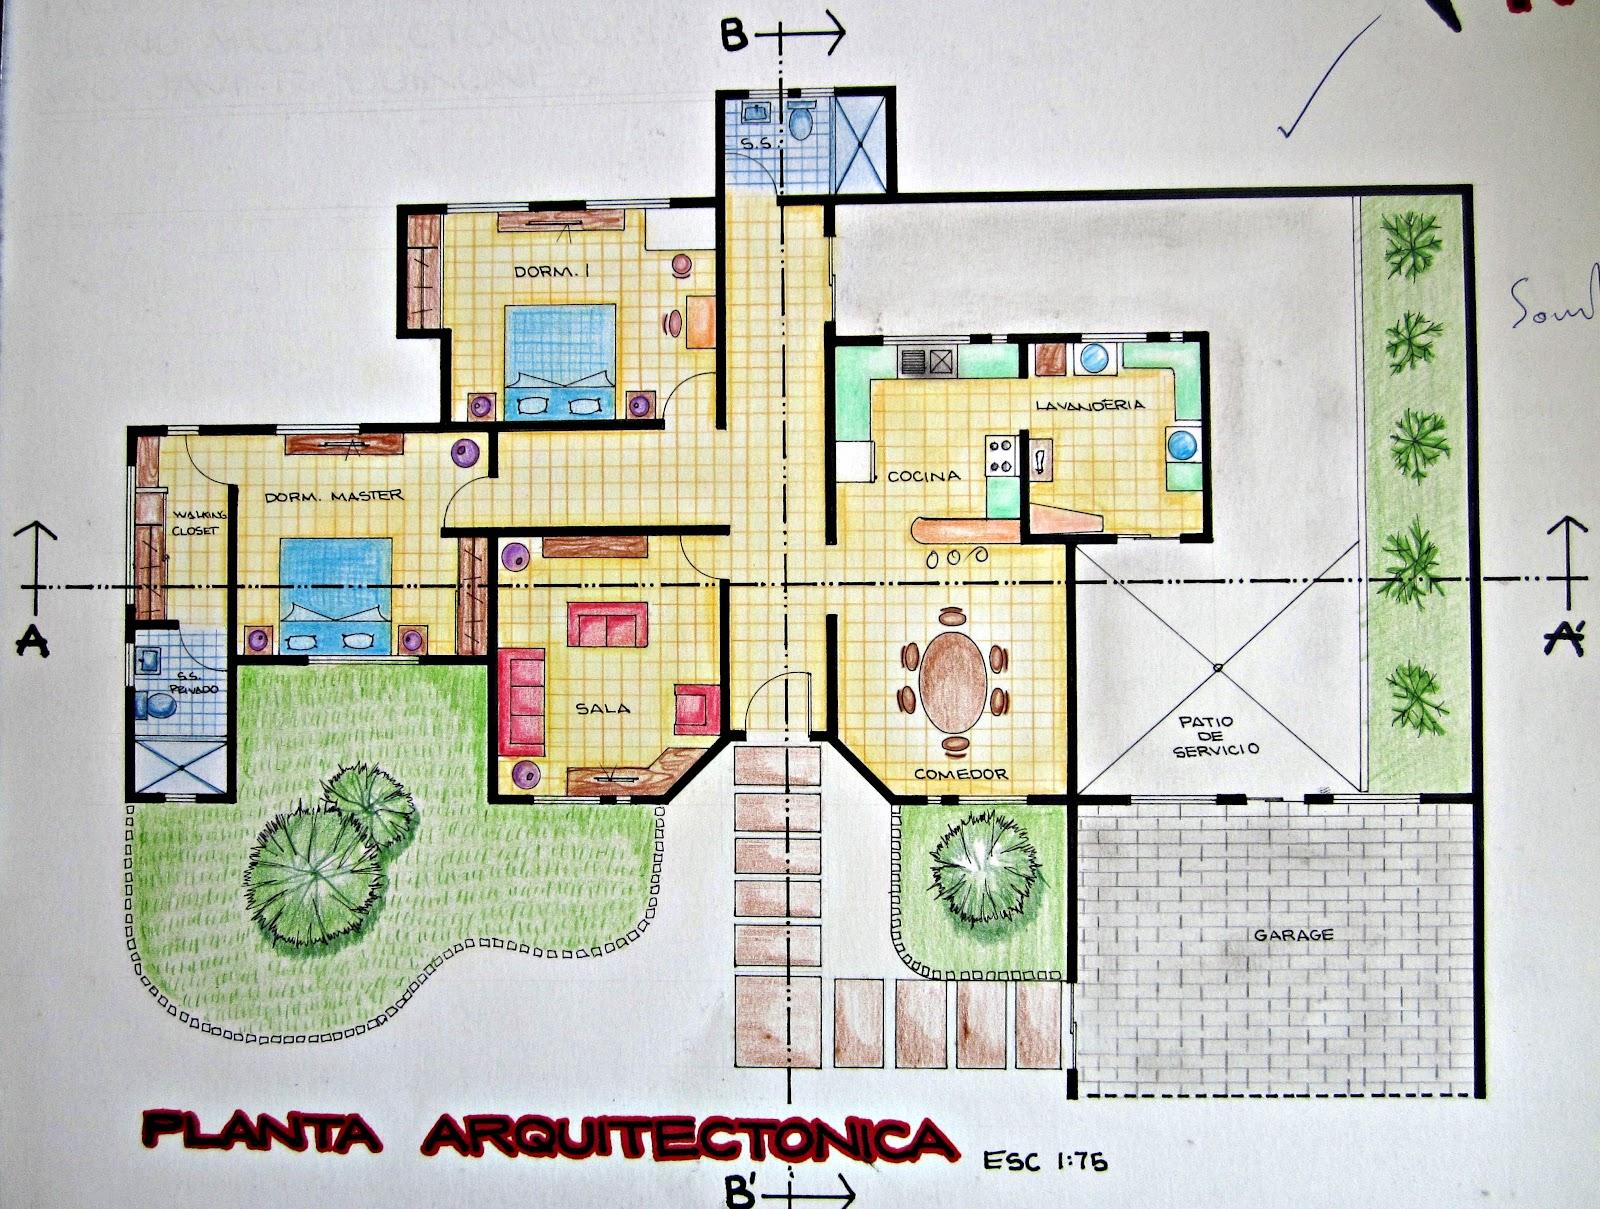 Portafolio dise o arquitect nico dise o arquitectonico 1 for Antropometria de la vivienda